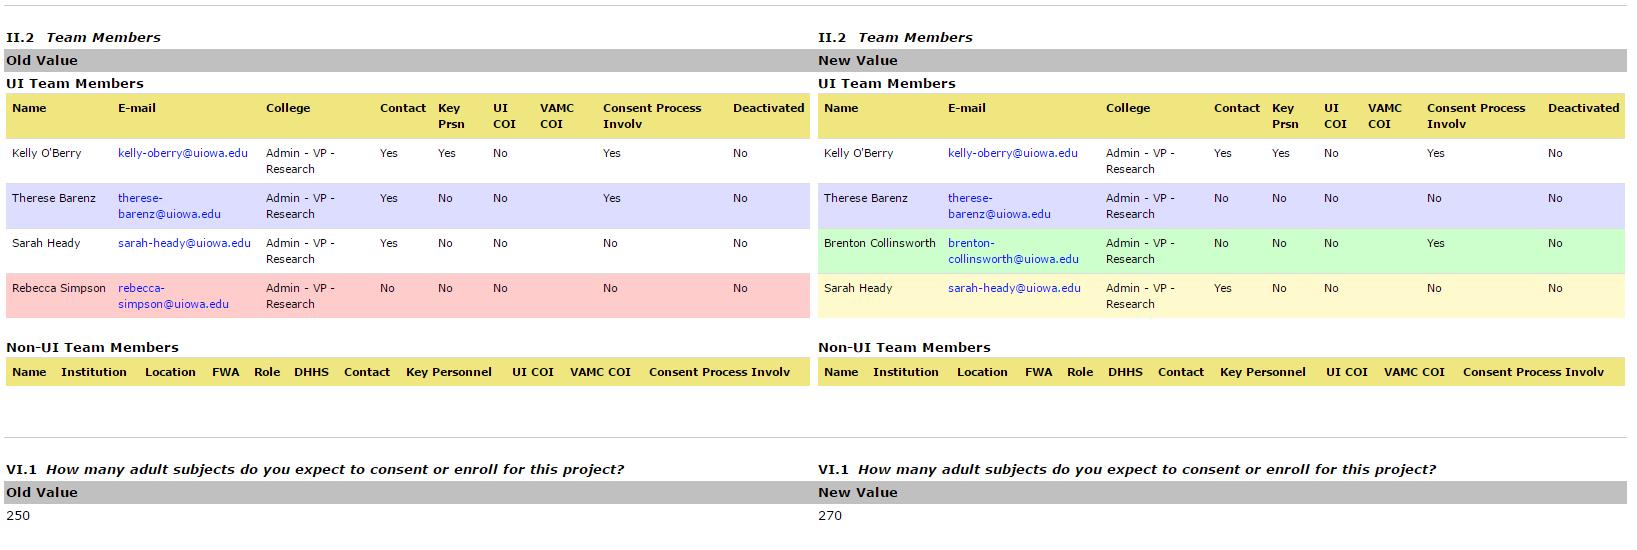 Mod Team Members